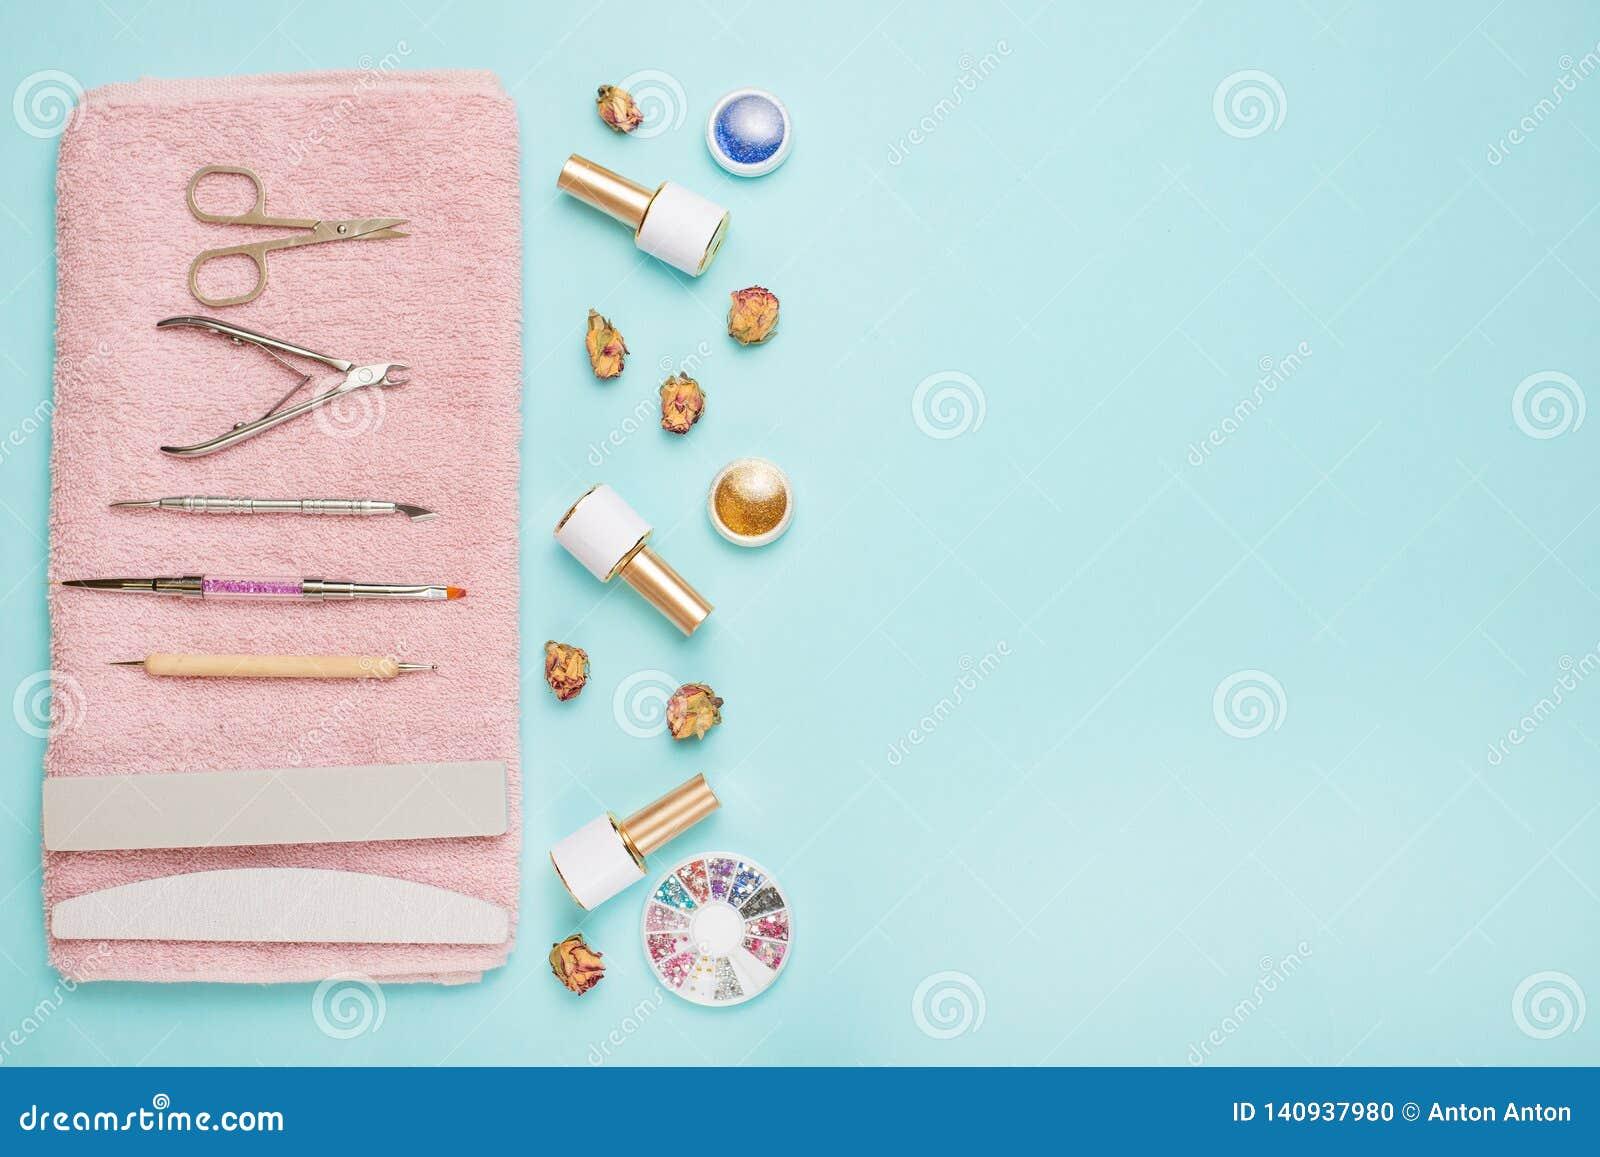 一套为修指甲和修脚的化妆工具在蓝色背景 胶凝体擦亮剂、指甲锉和少年和顶视图